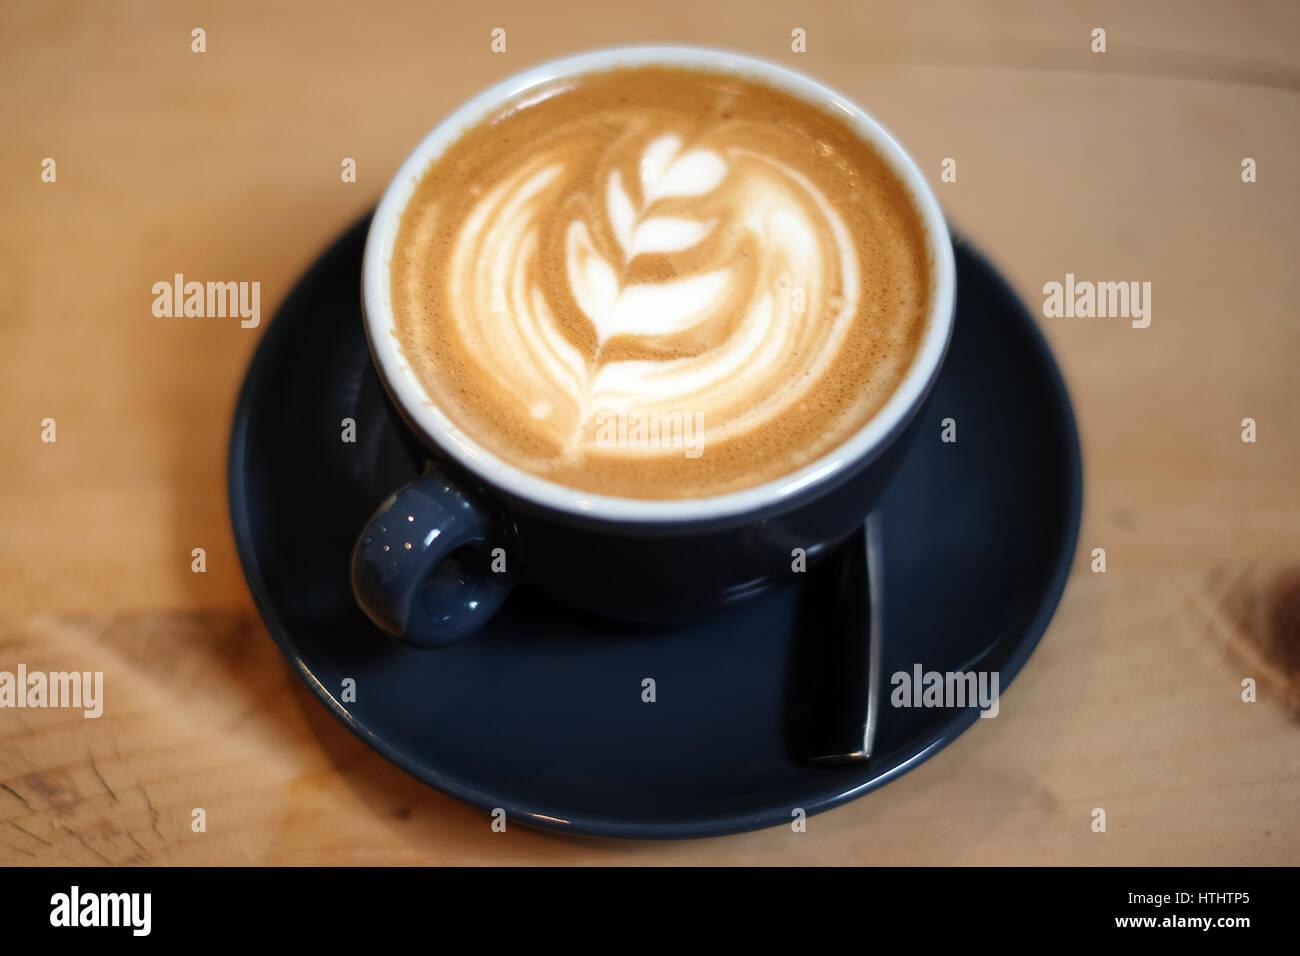 Piatto bianco caffè in un ristorante su di un tavolo di legno foto